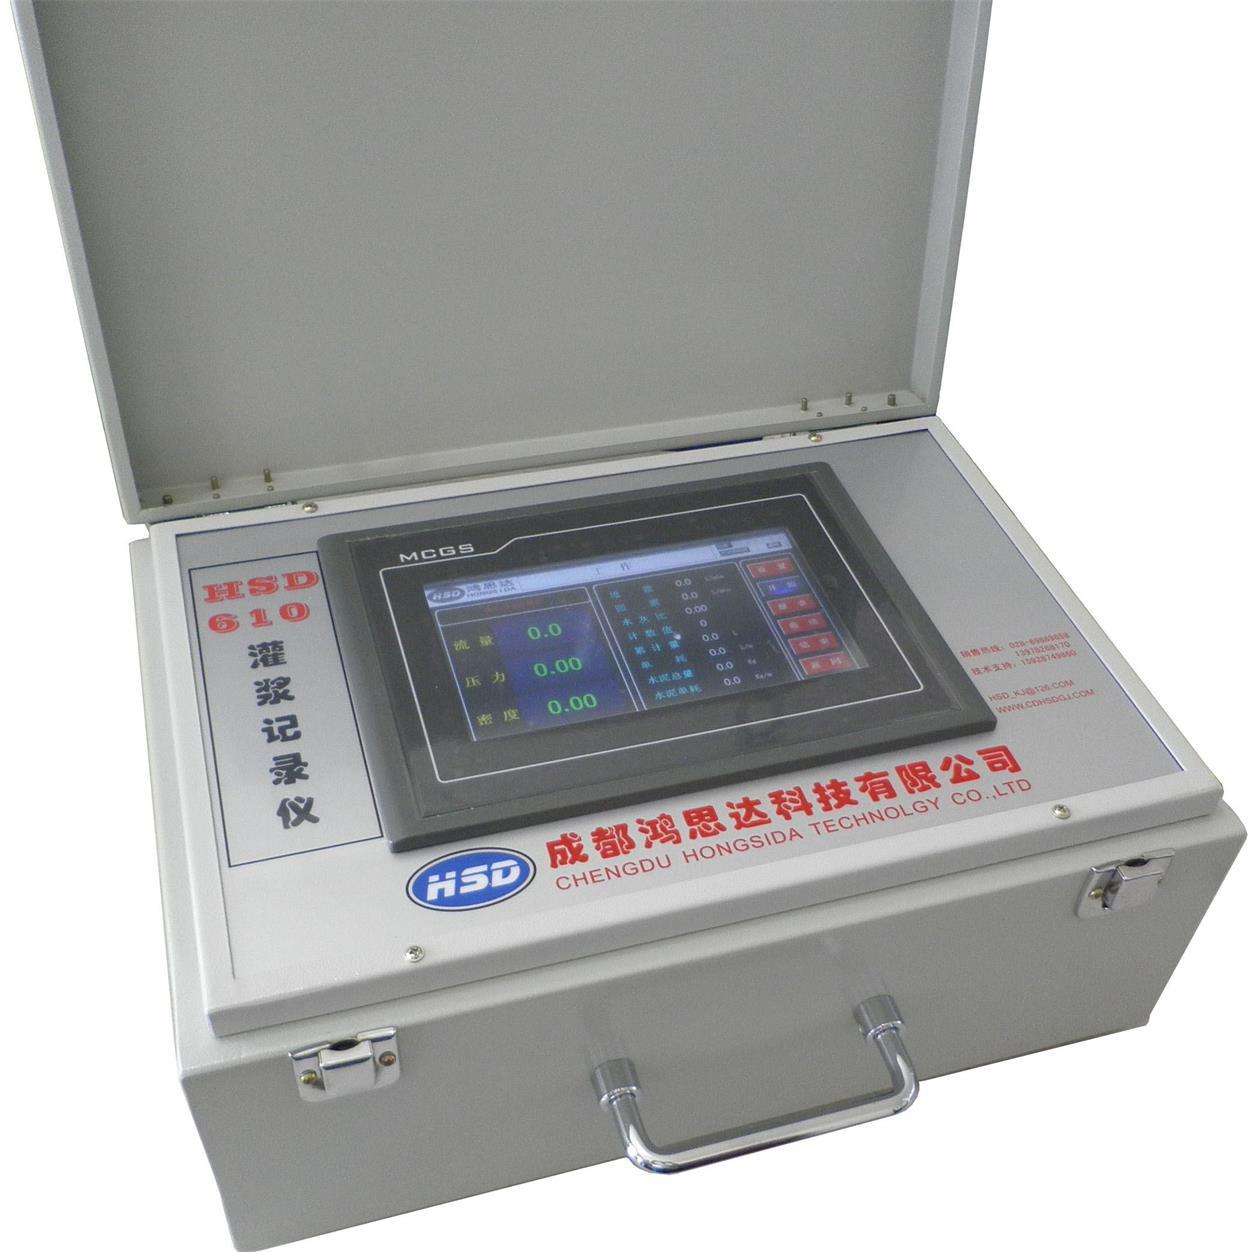 解析成都灌浆自动记录仪之化学灌浆方法的应用